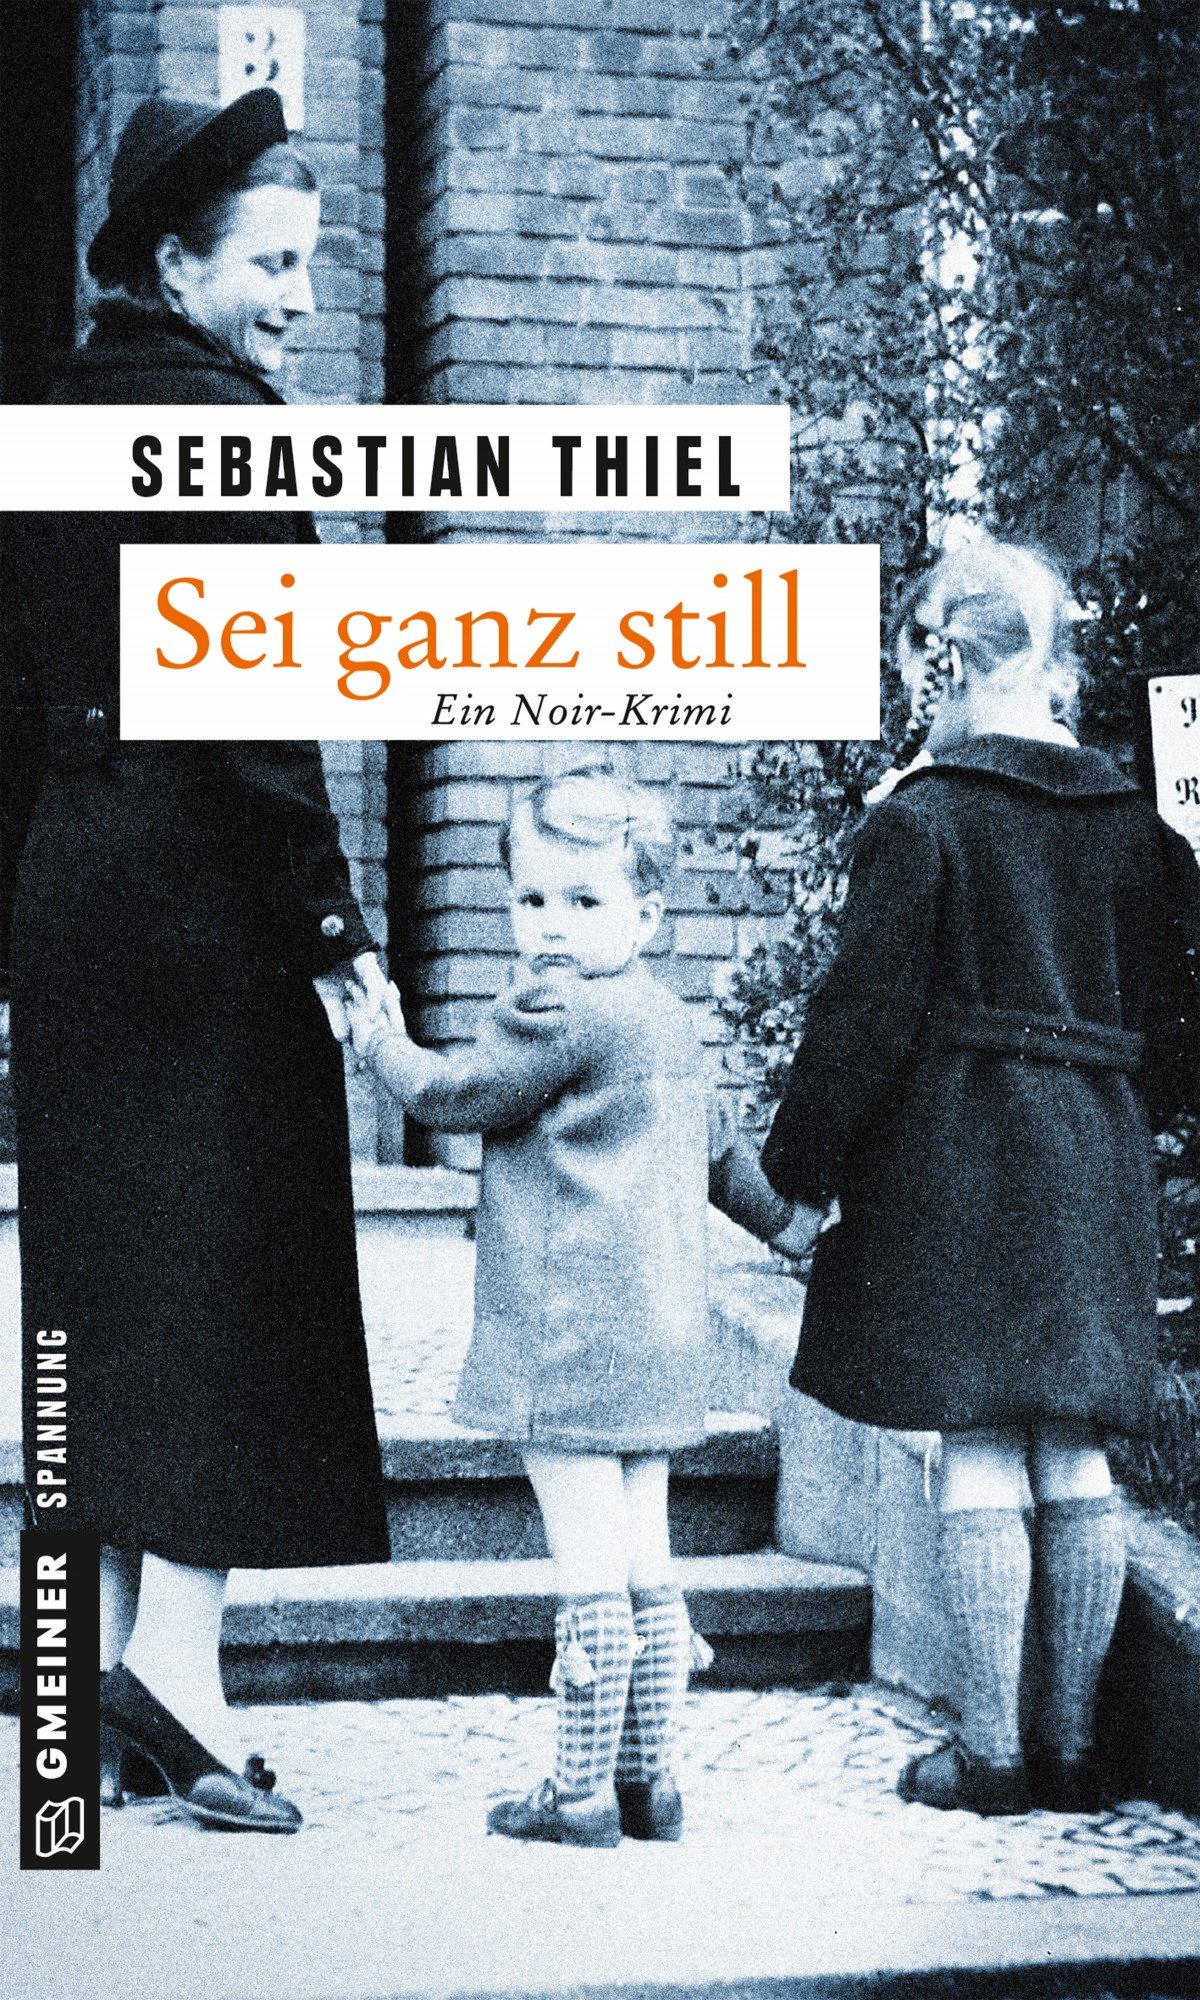 http://www.gmeiner-verlag.de/images/verlag/cover/print/9783839217016.jpg